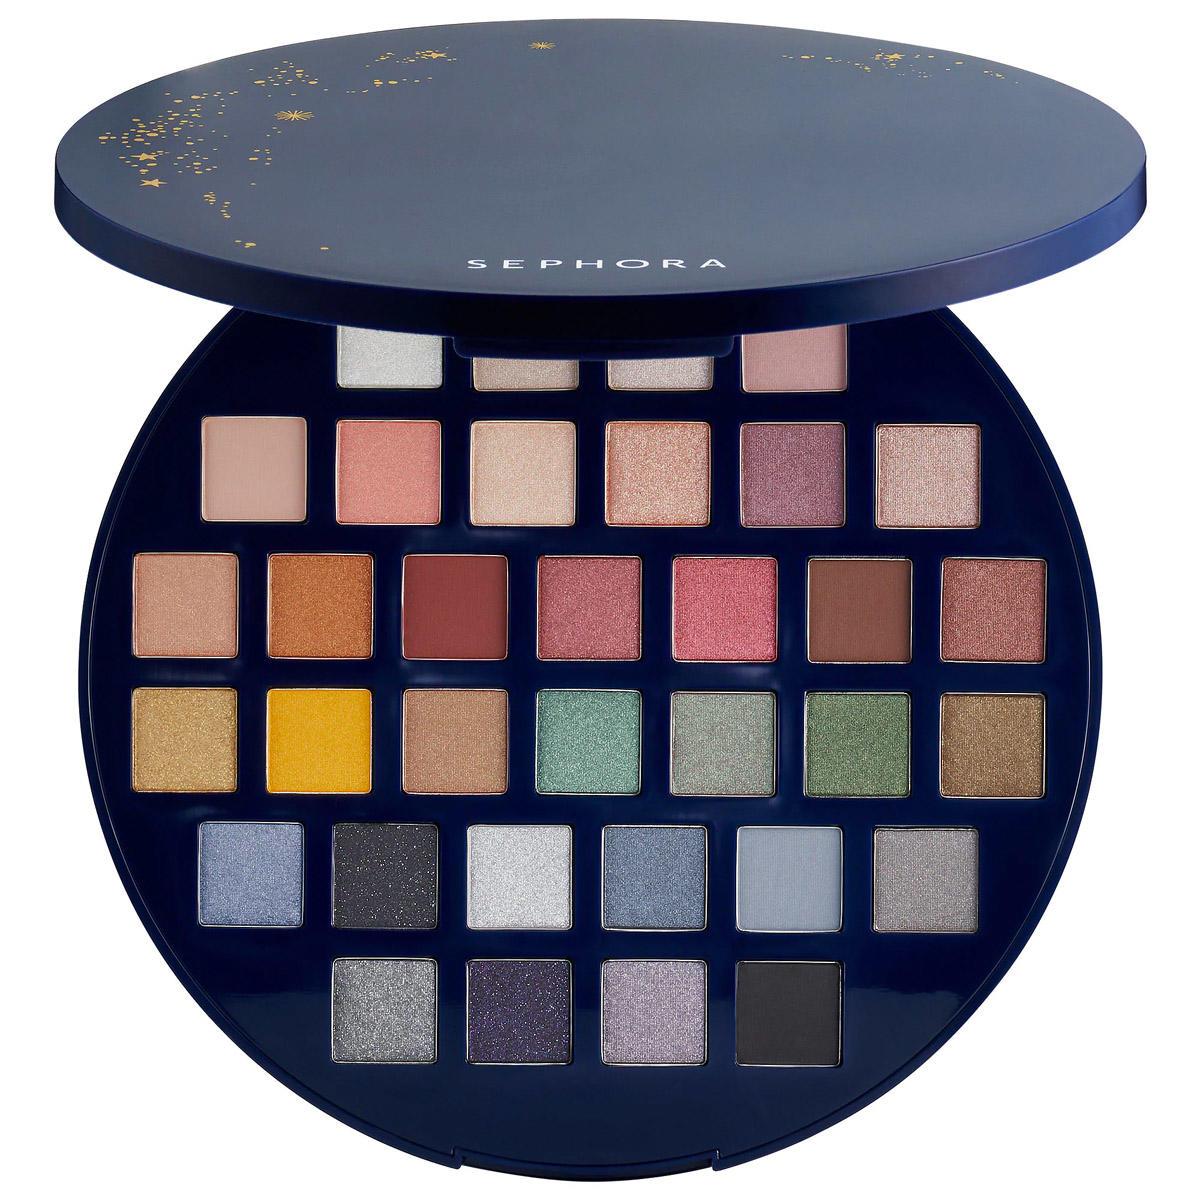 Sephora Star Catcher Eyeshadow Palette